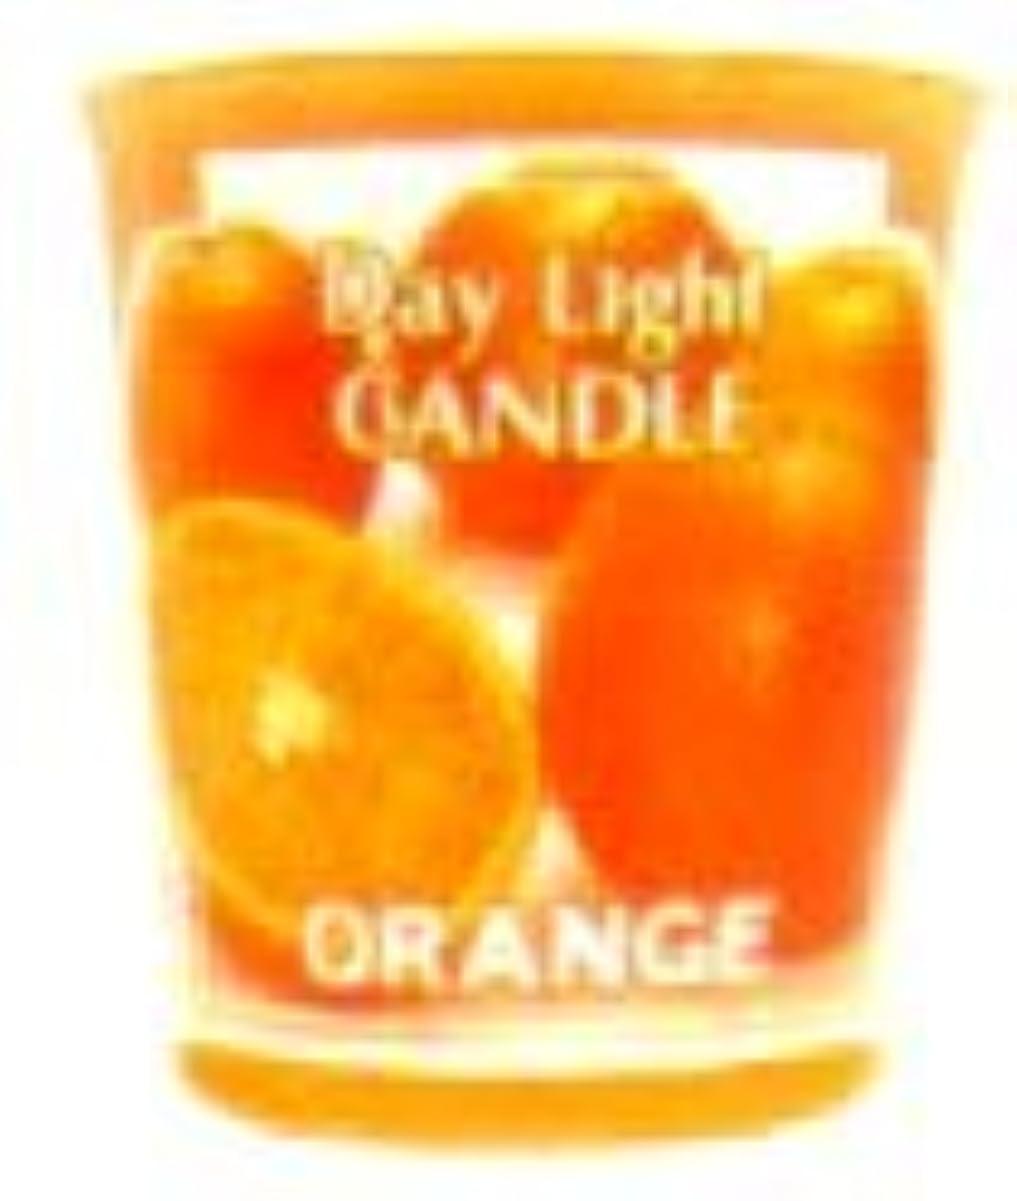 確認フィルタフレームワークデイライトキャンドル オレンジ OC-DLC-33